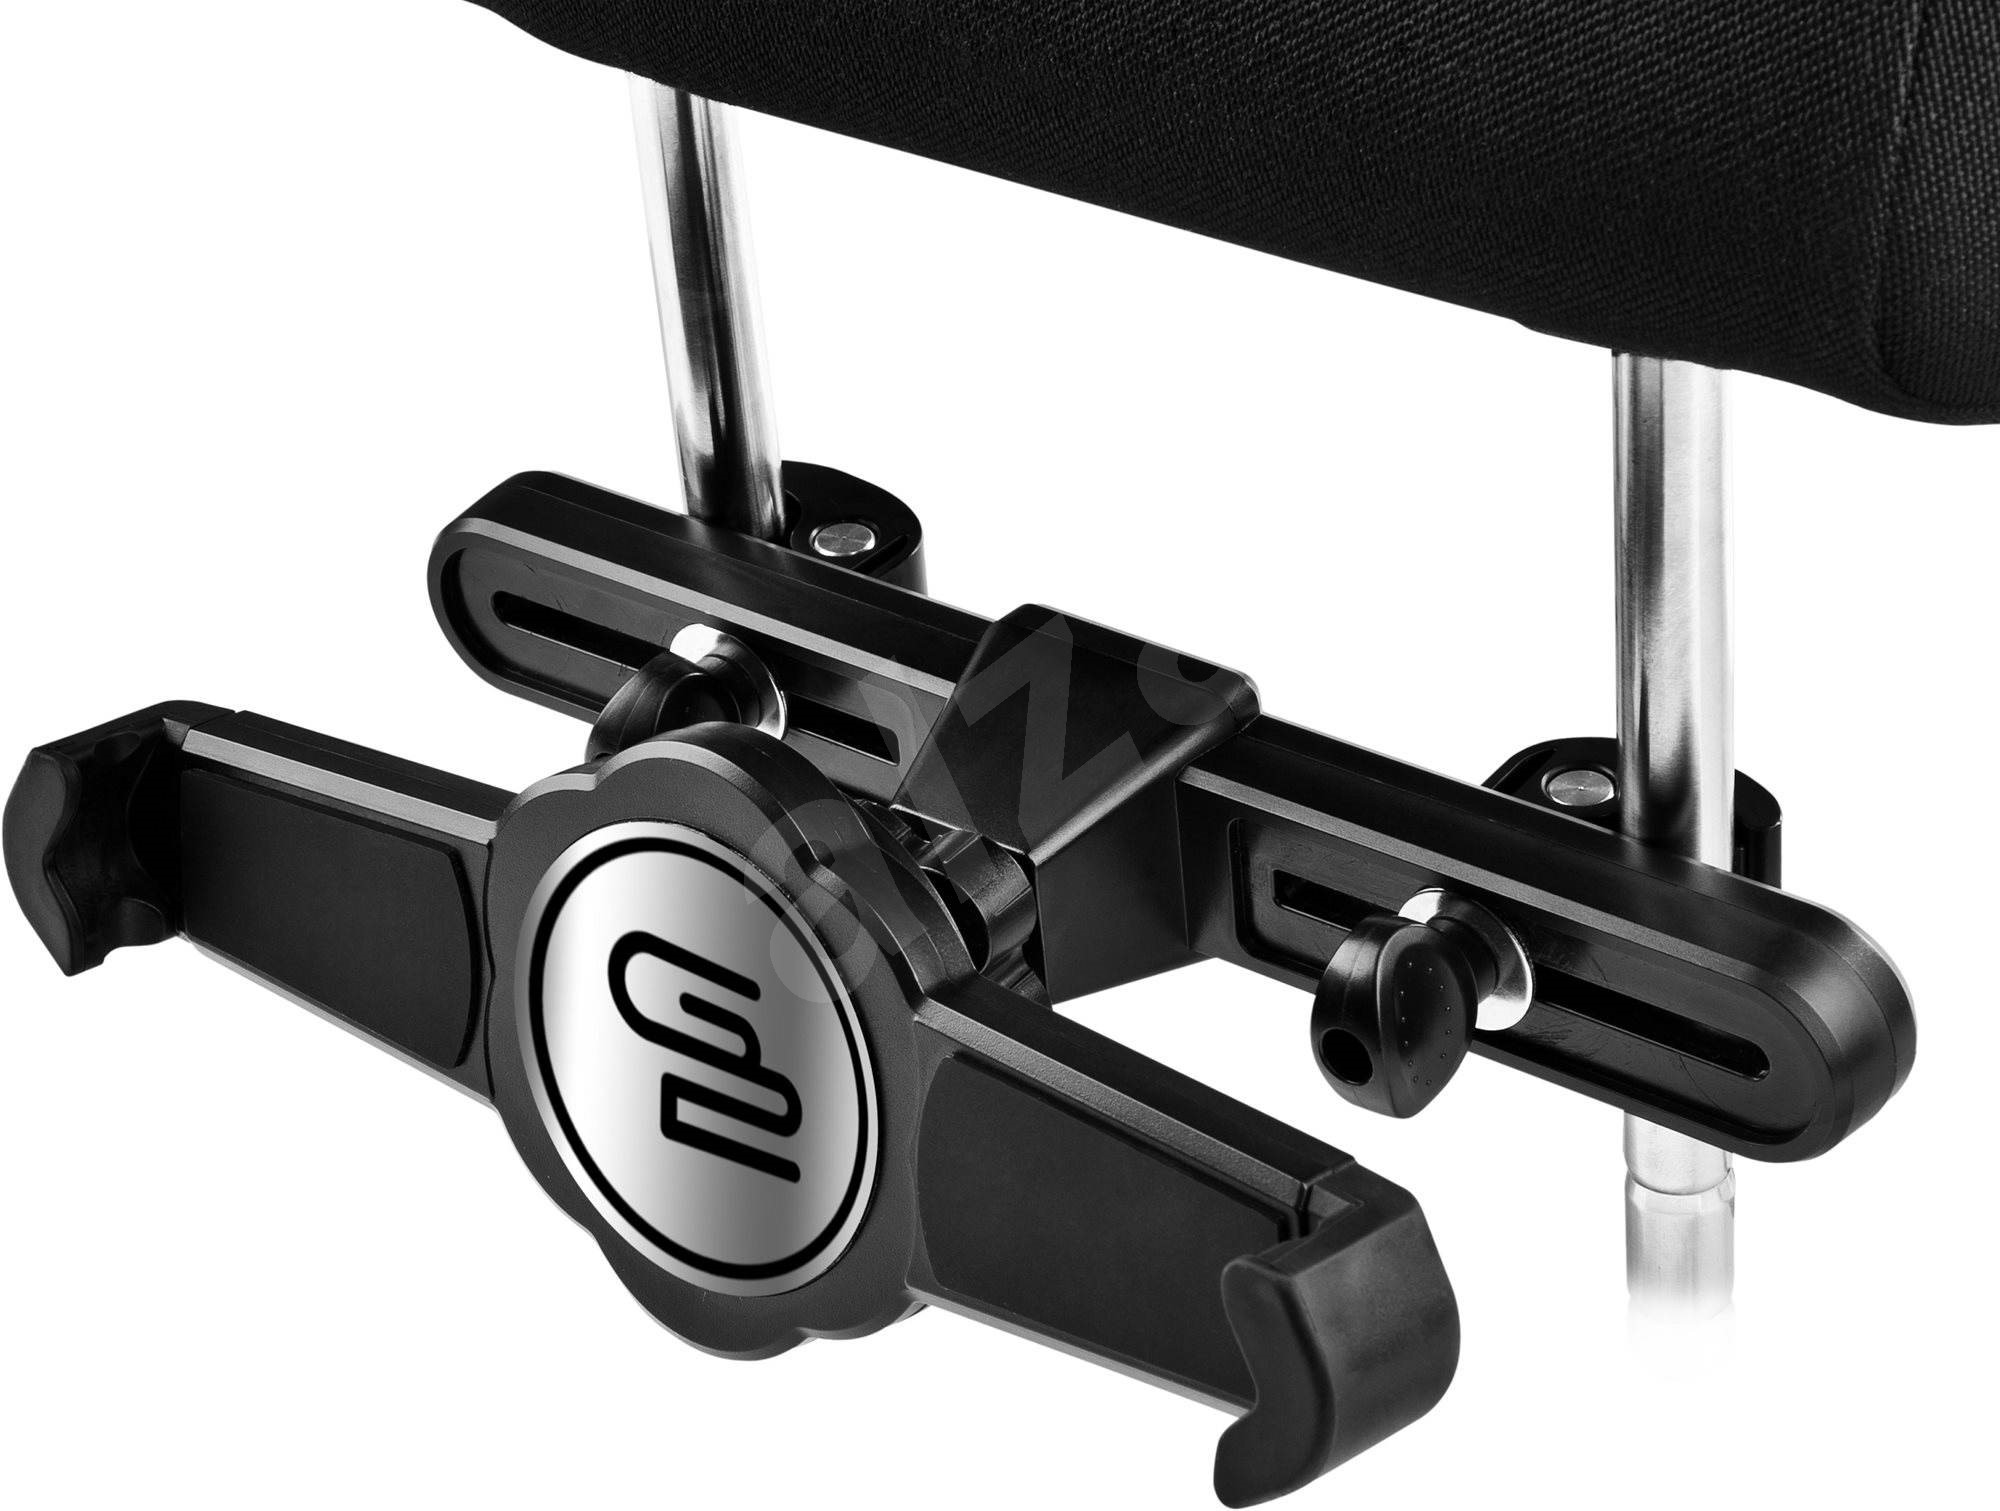 gogen tch 640 kfz halter. Black Bedroom Furniture Sets. Home Design Ideas